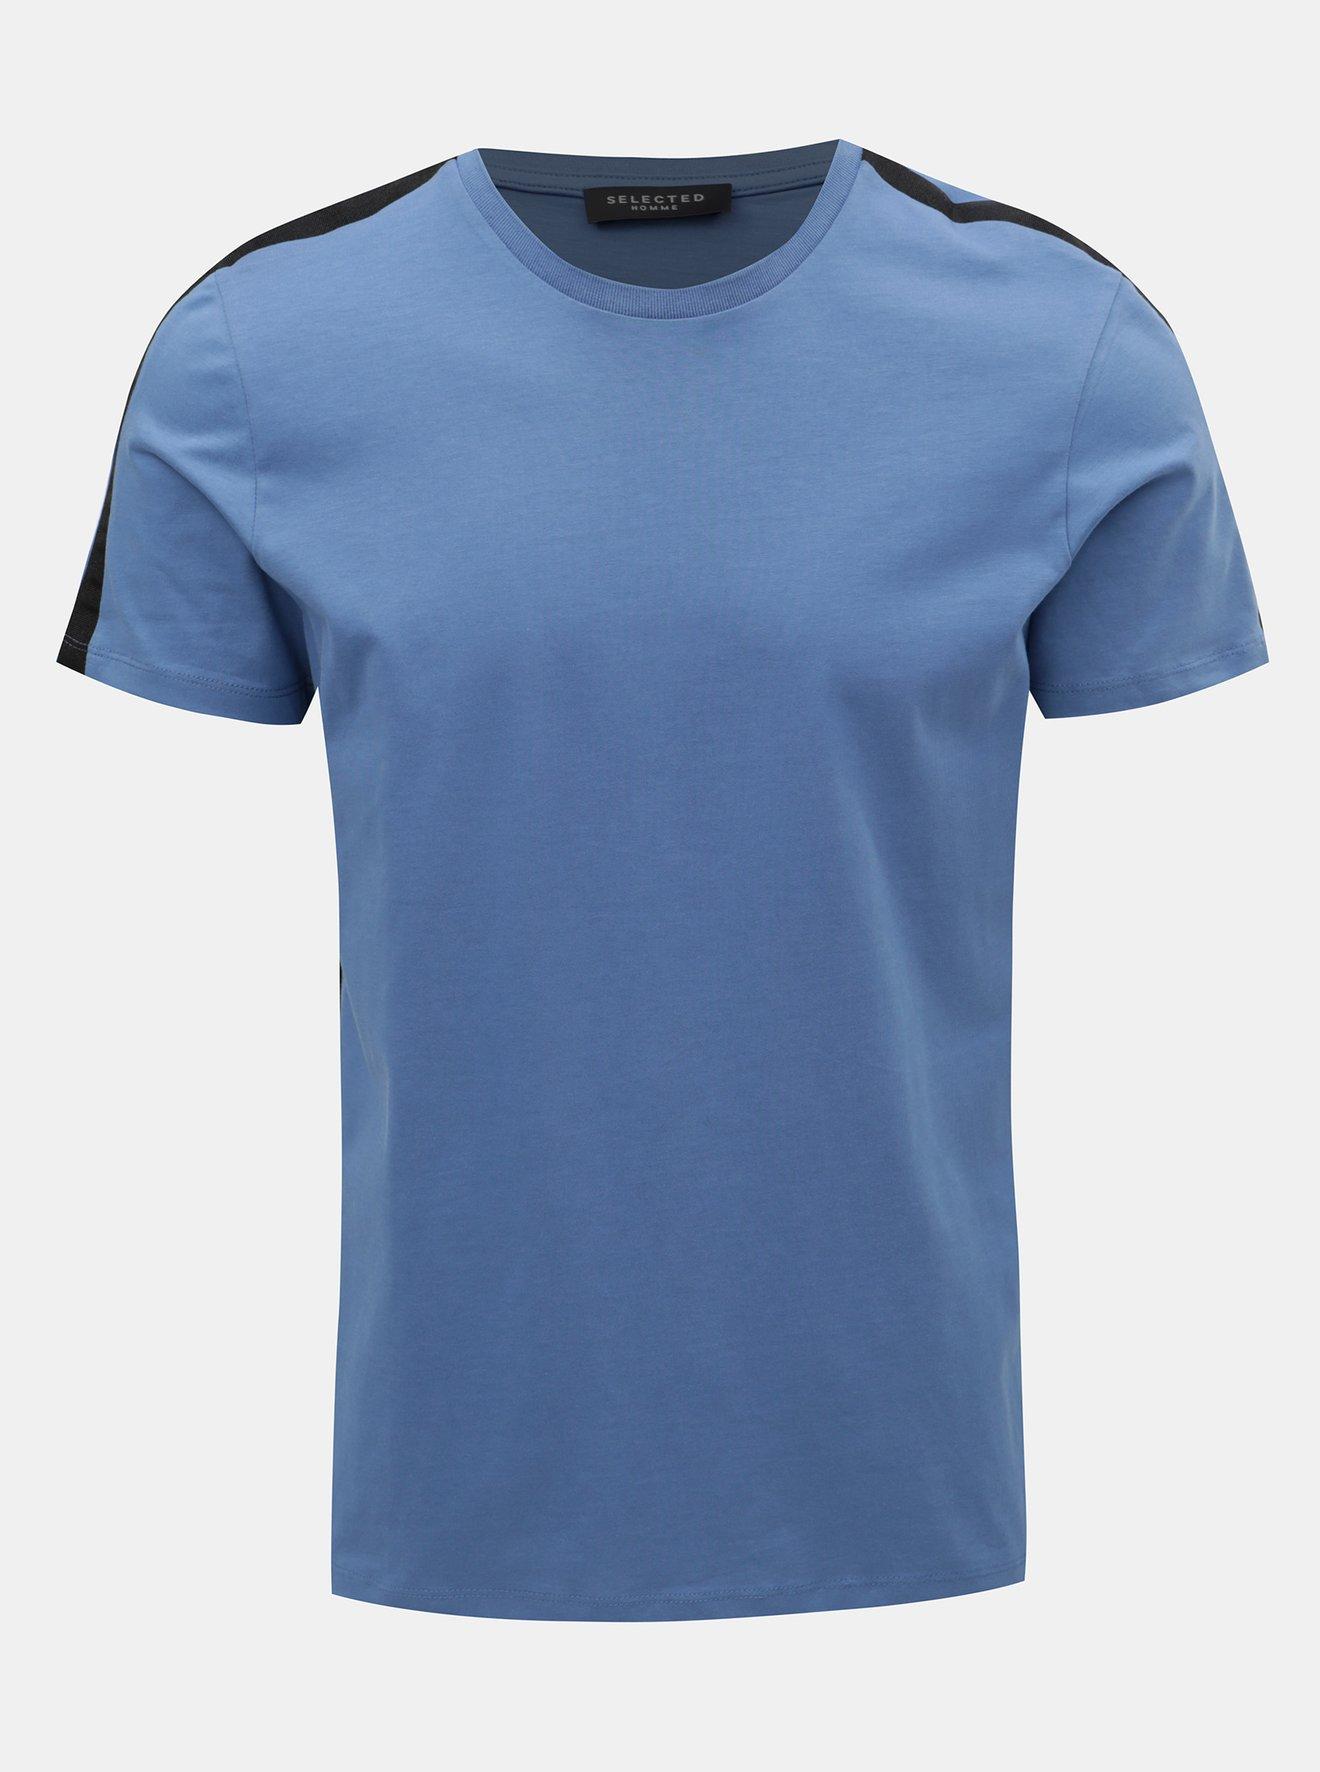 675d654ab7e2 Modré tričko Selected Homme Rib - SLEVA!